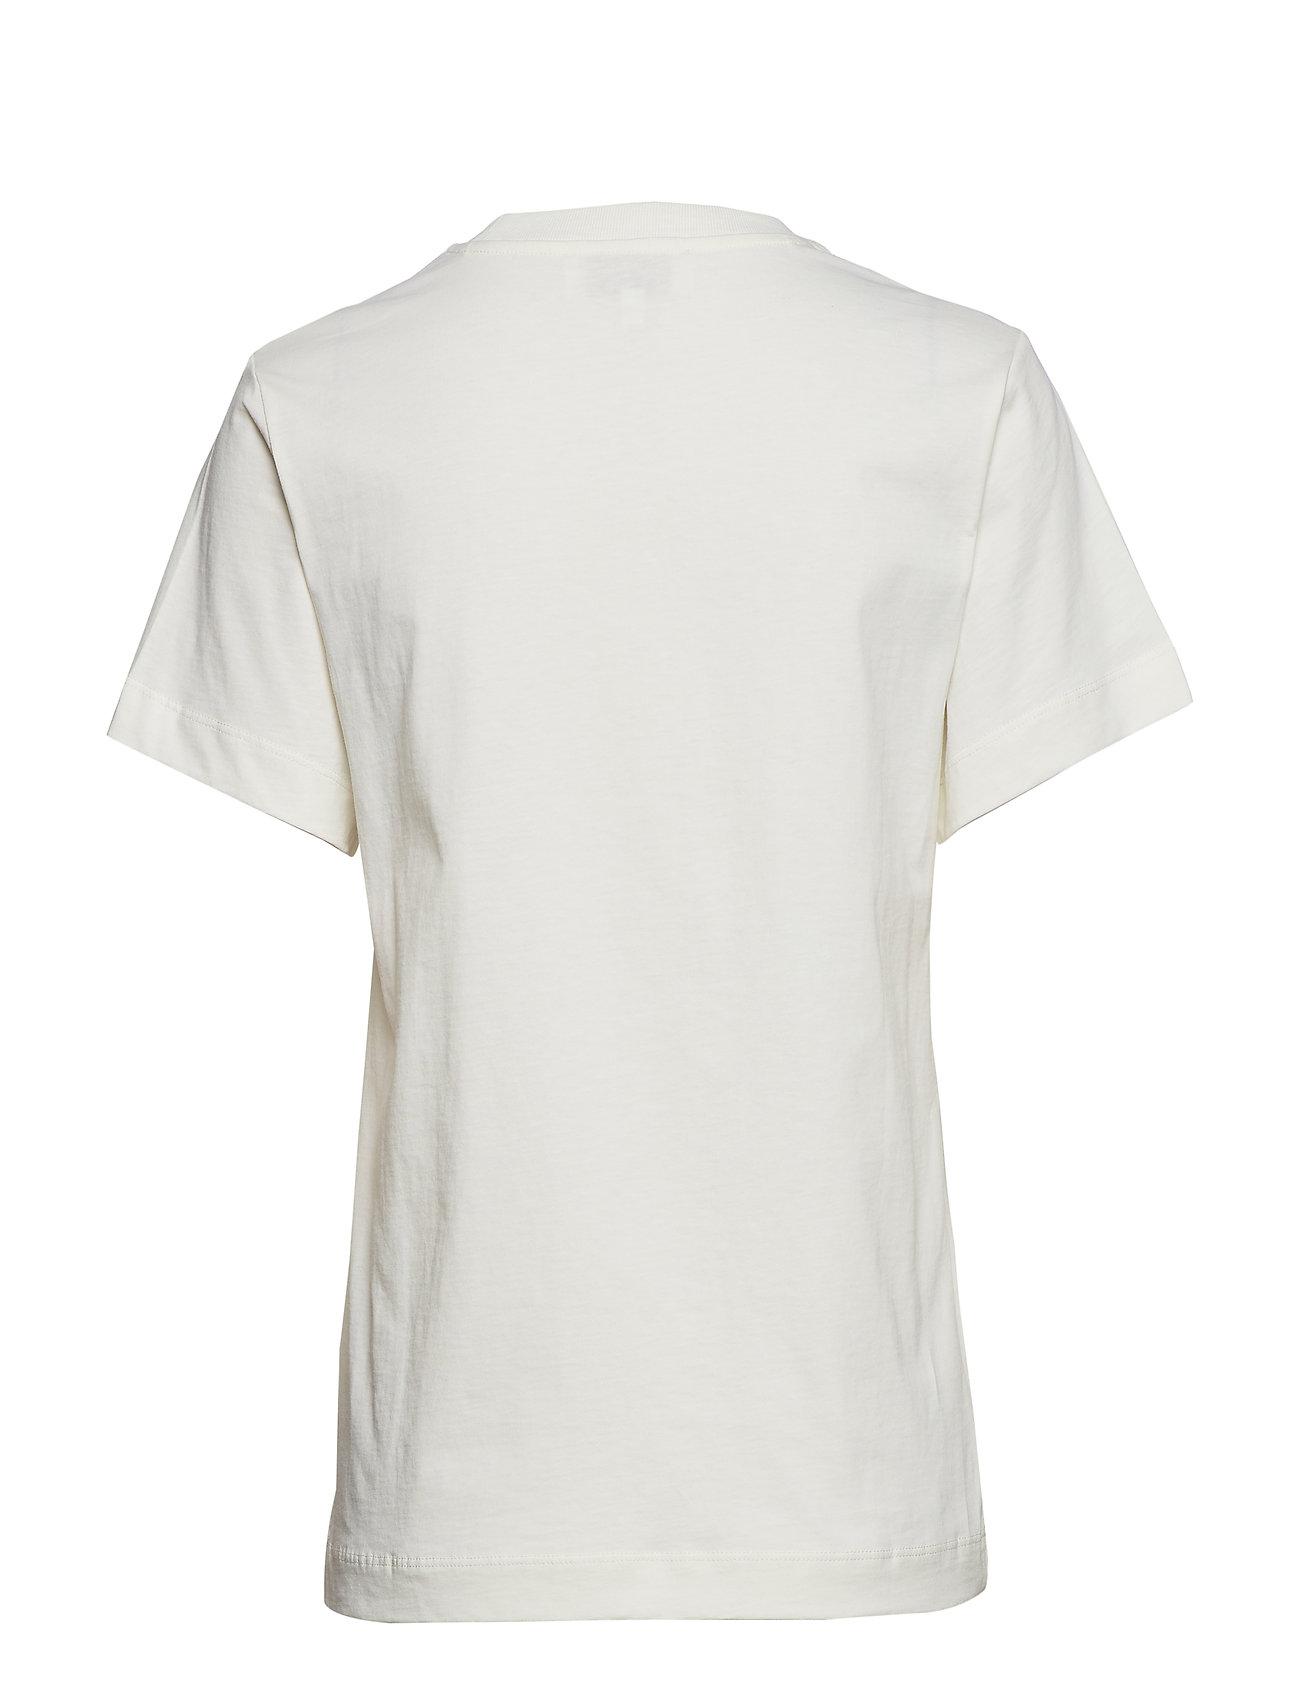 Elle Style Awards Collection 2019 T-shirt - T-shirty i zopy CREAM - Kobiety Odzież.